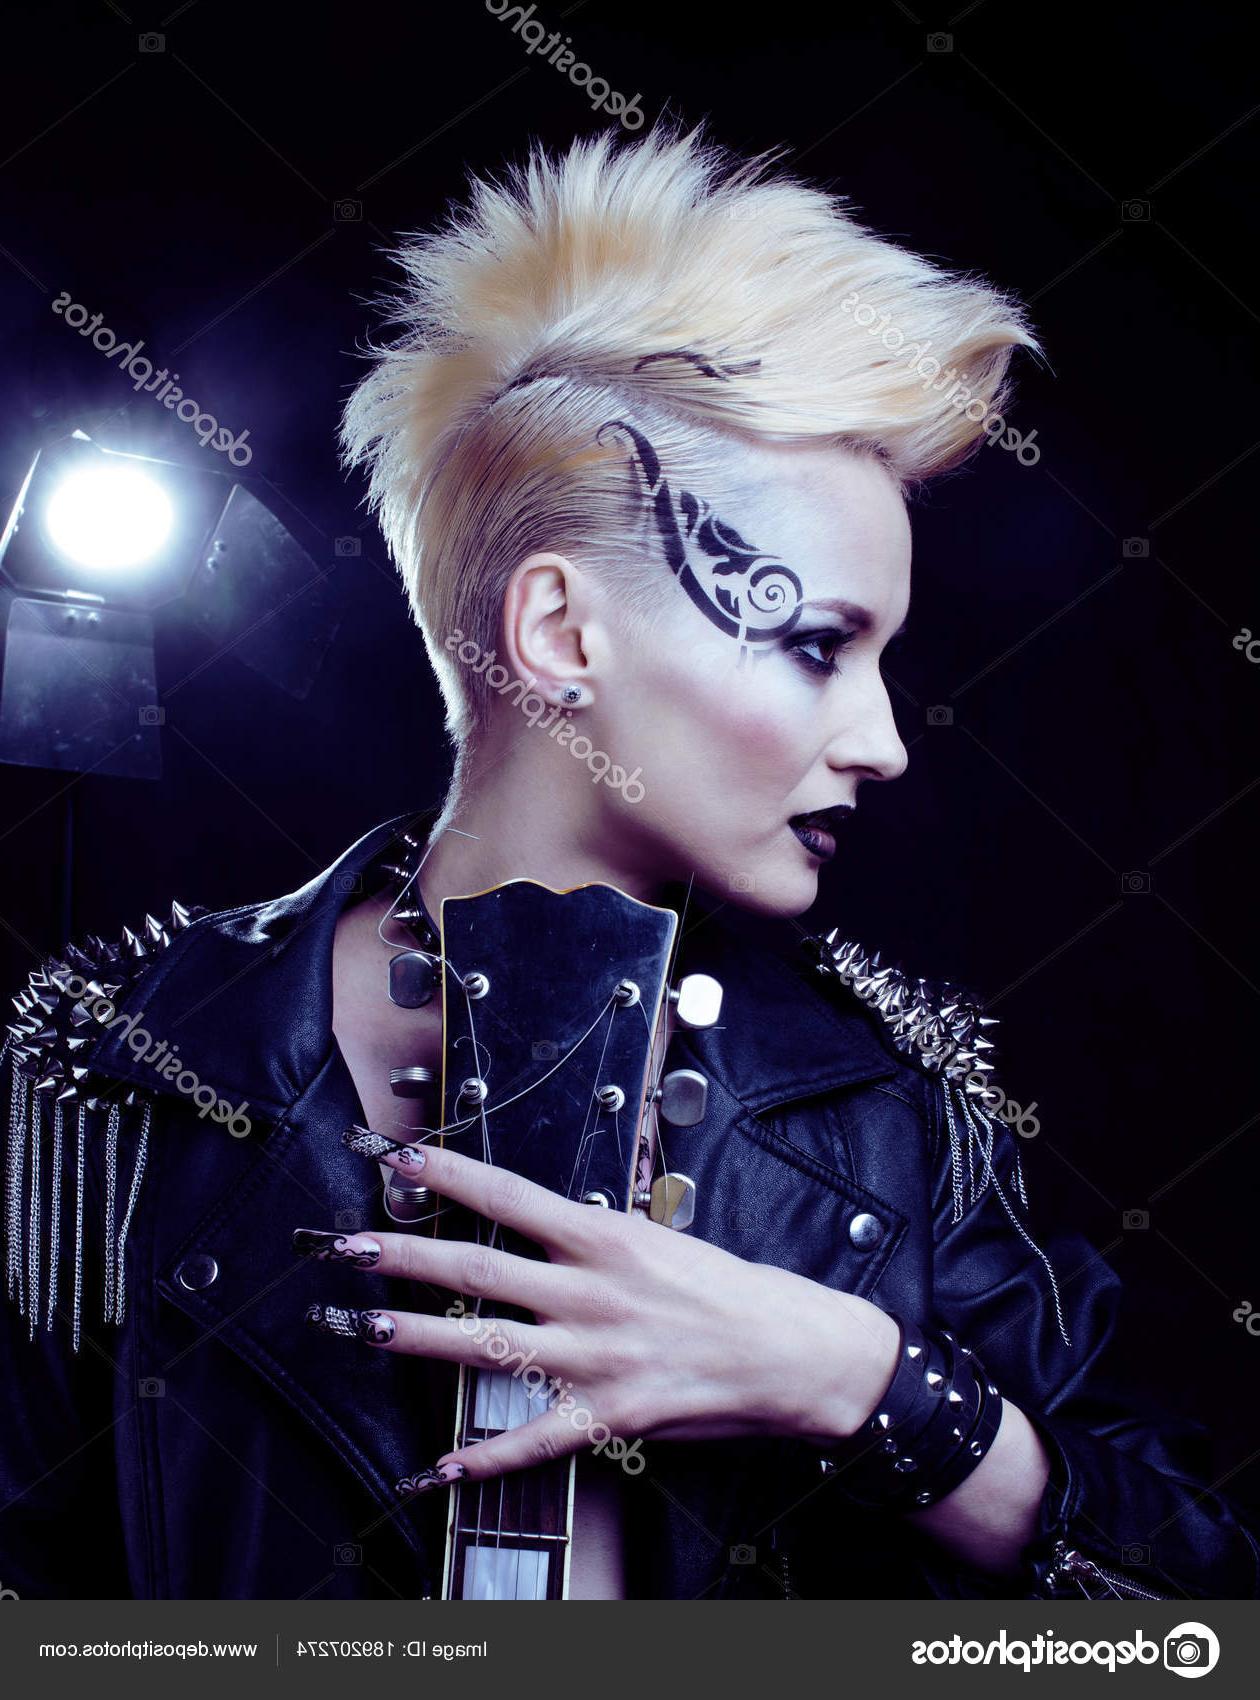 Trendy Rocker Girl Mohawk Hairstyles In Fashion Rocker Style Model Girl Portrait. Hairstyle (View 10 of 20)